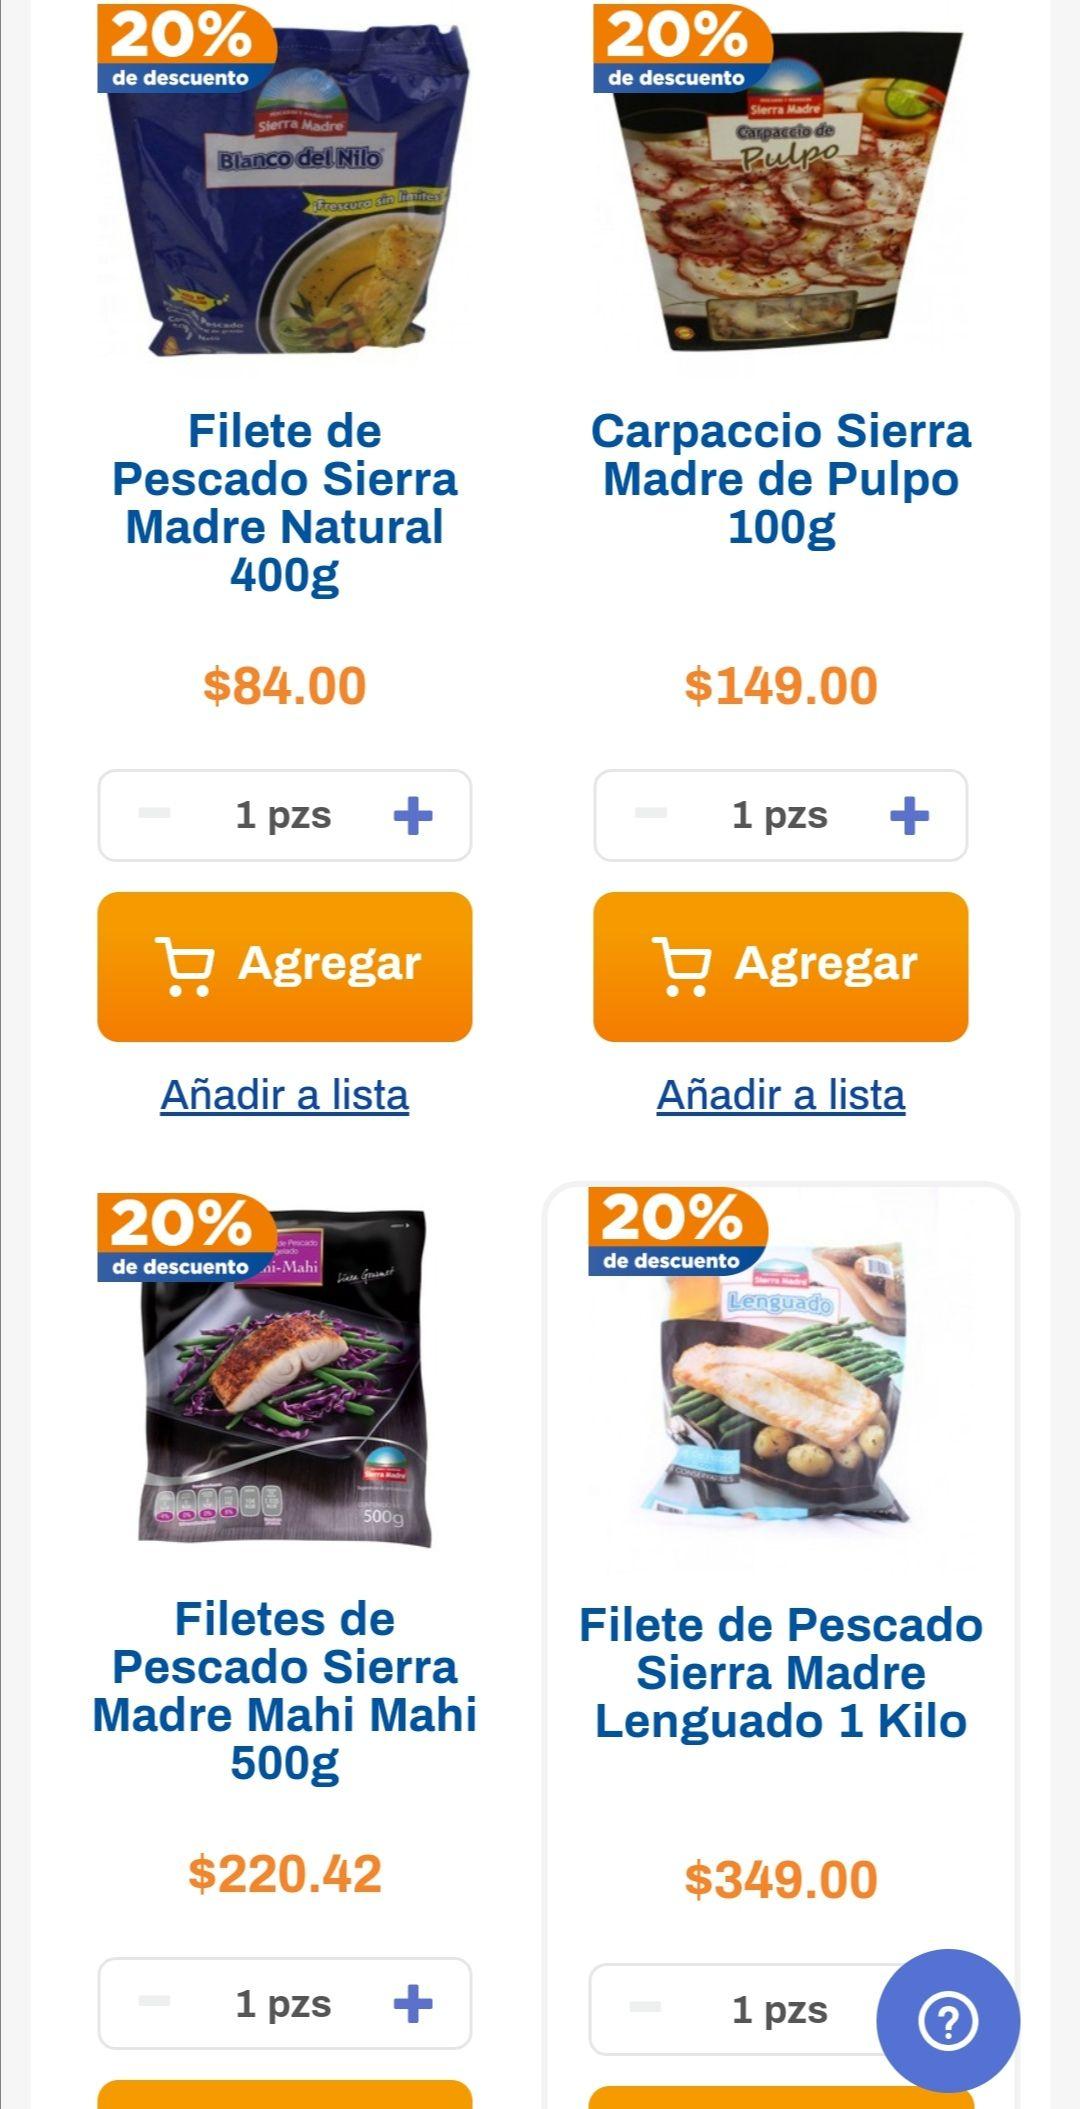 Chedraui: 20% de descuento en productos Sierra Madre, Blanco del Nilo y Neptuno seleccionados